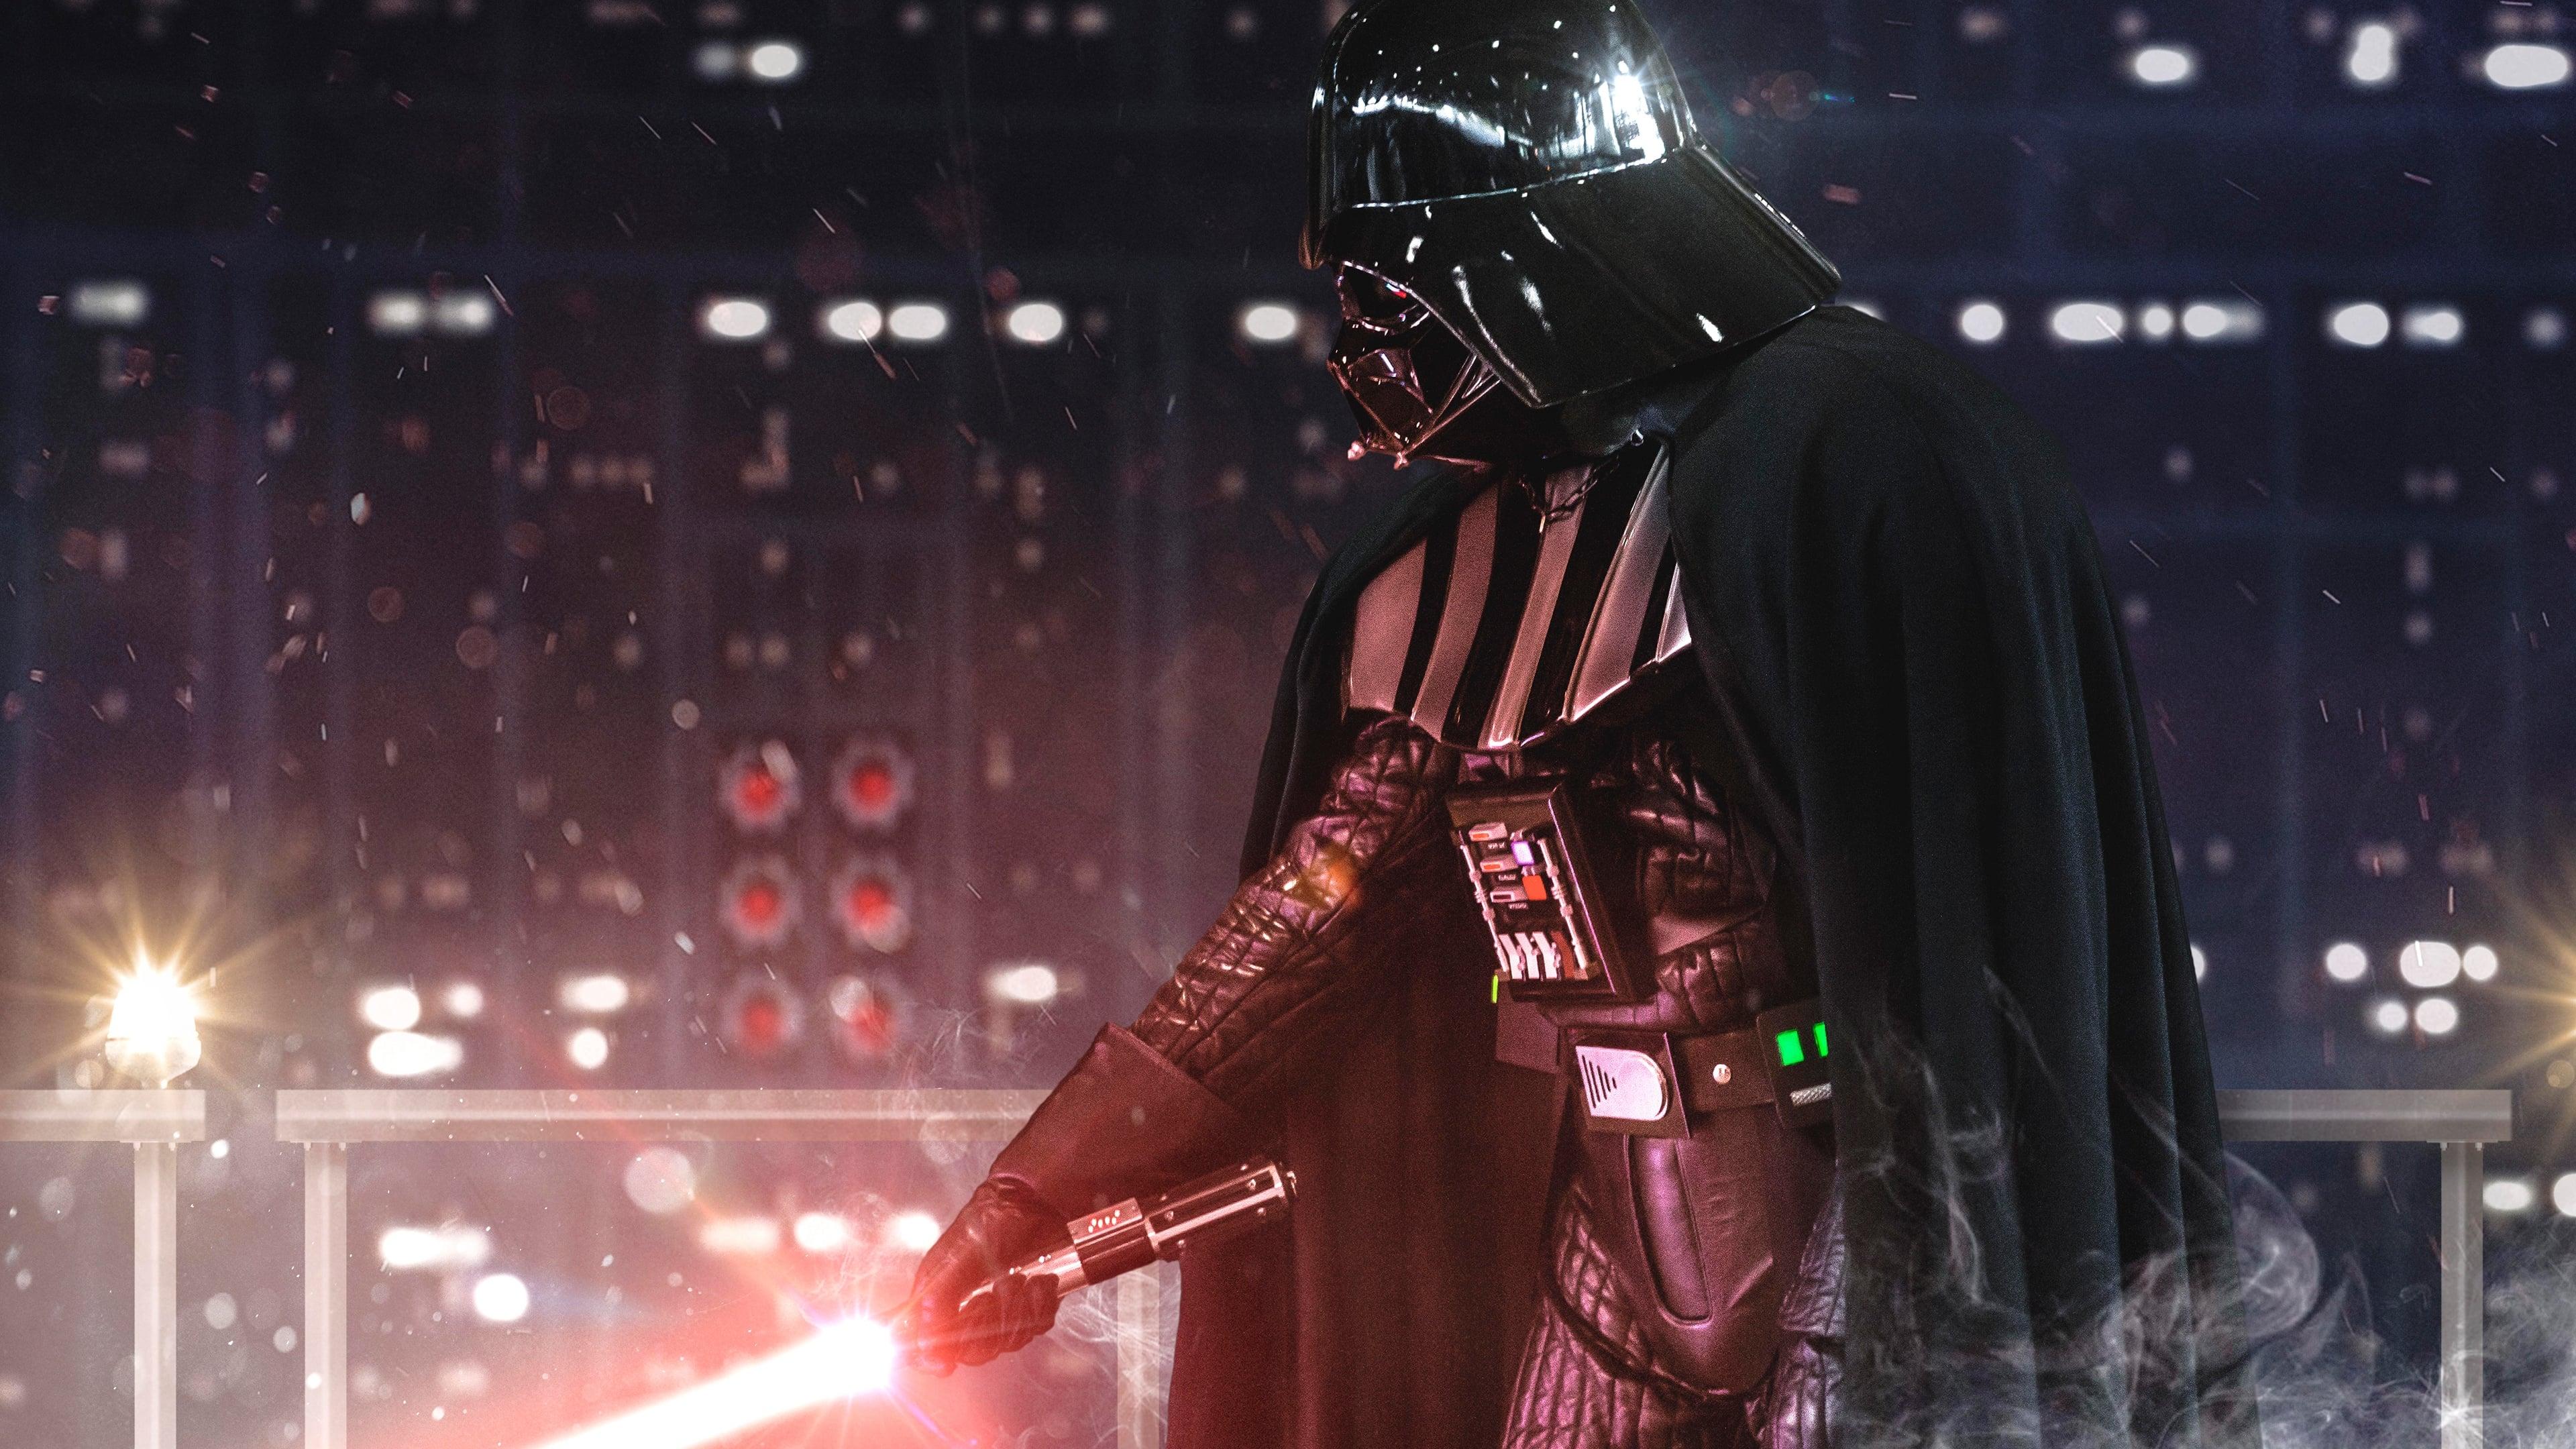 La guerra de las galaxias Episodio V: El imperio contraataca